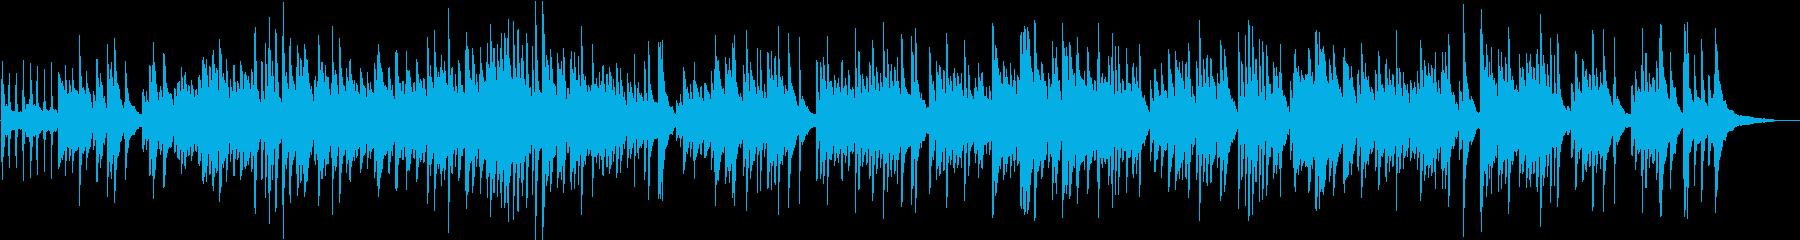 切ないソロピアノのバラードの再生済みの波形